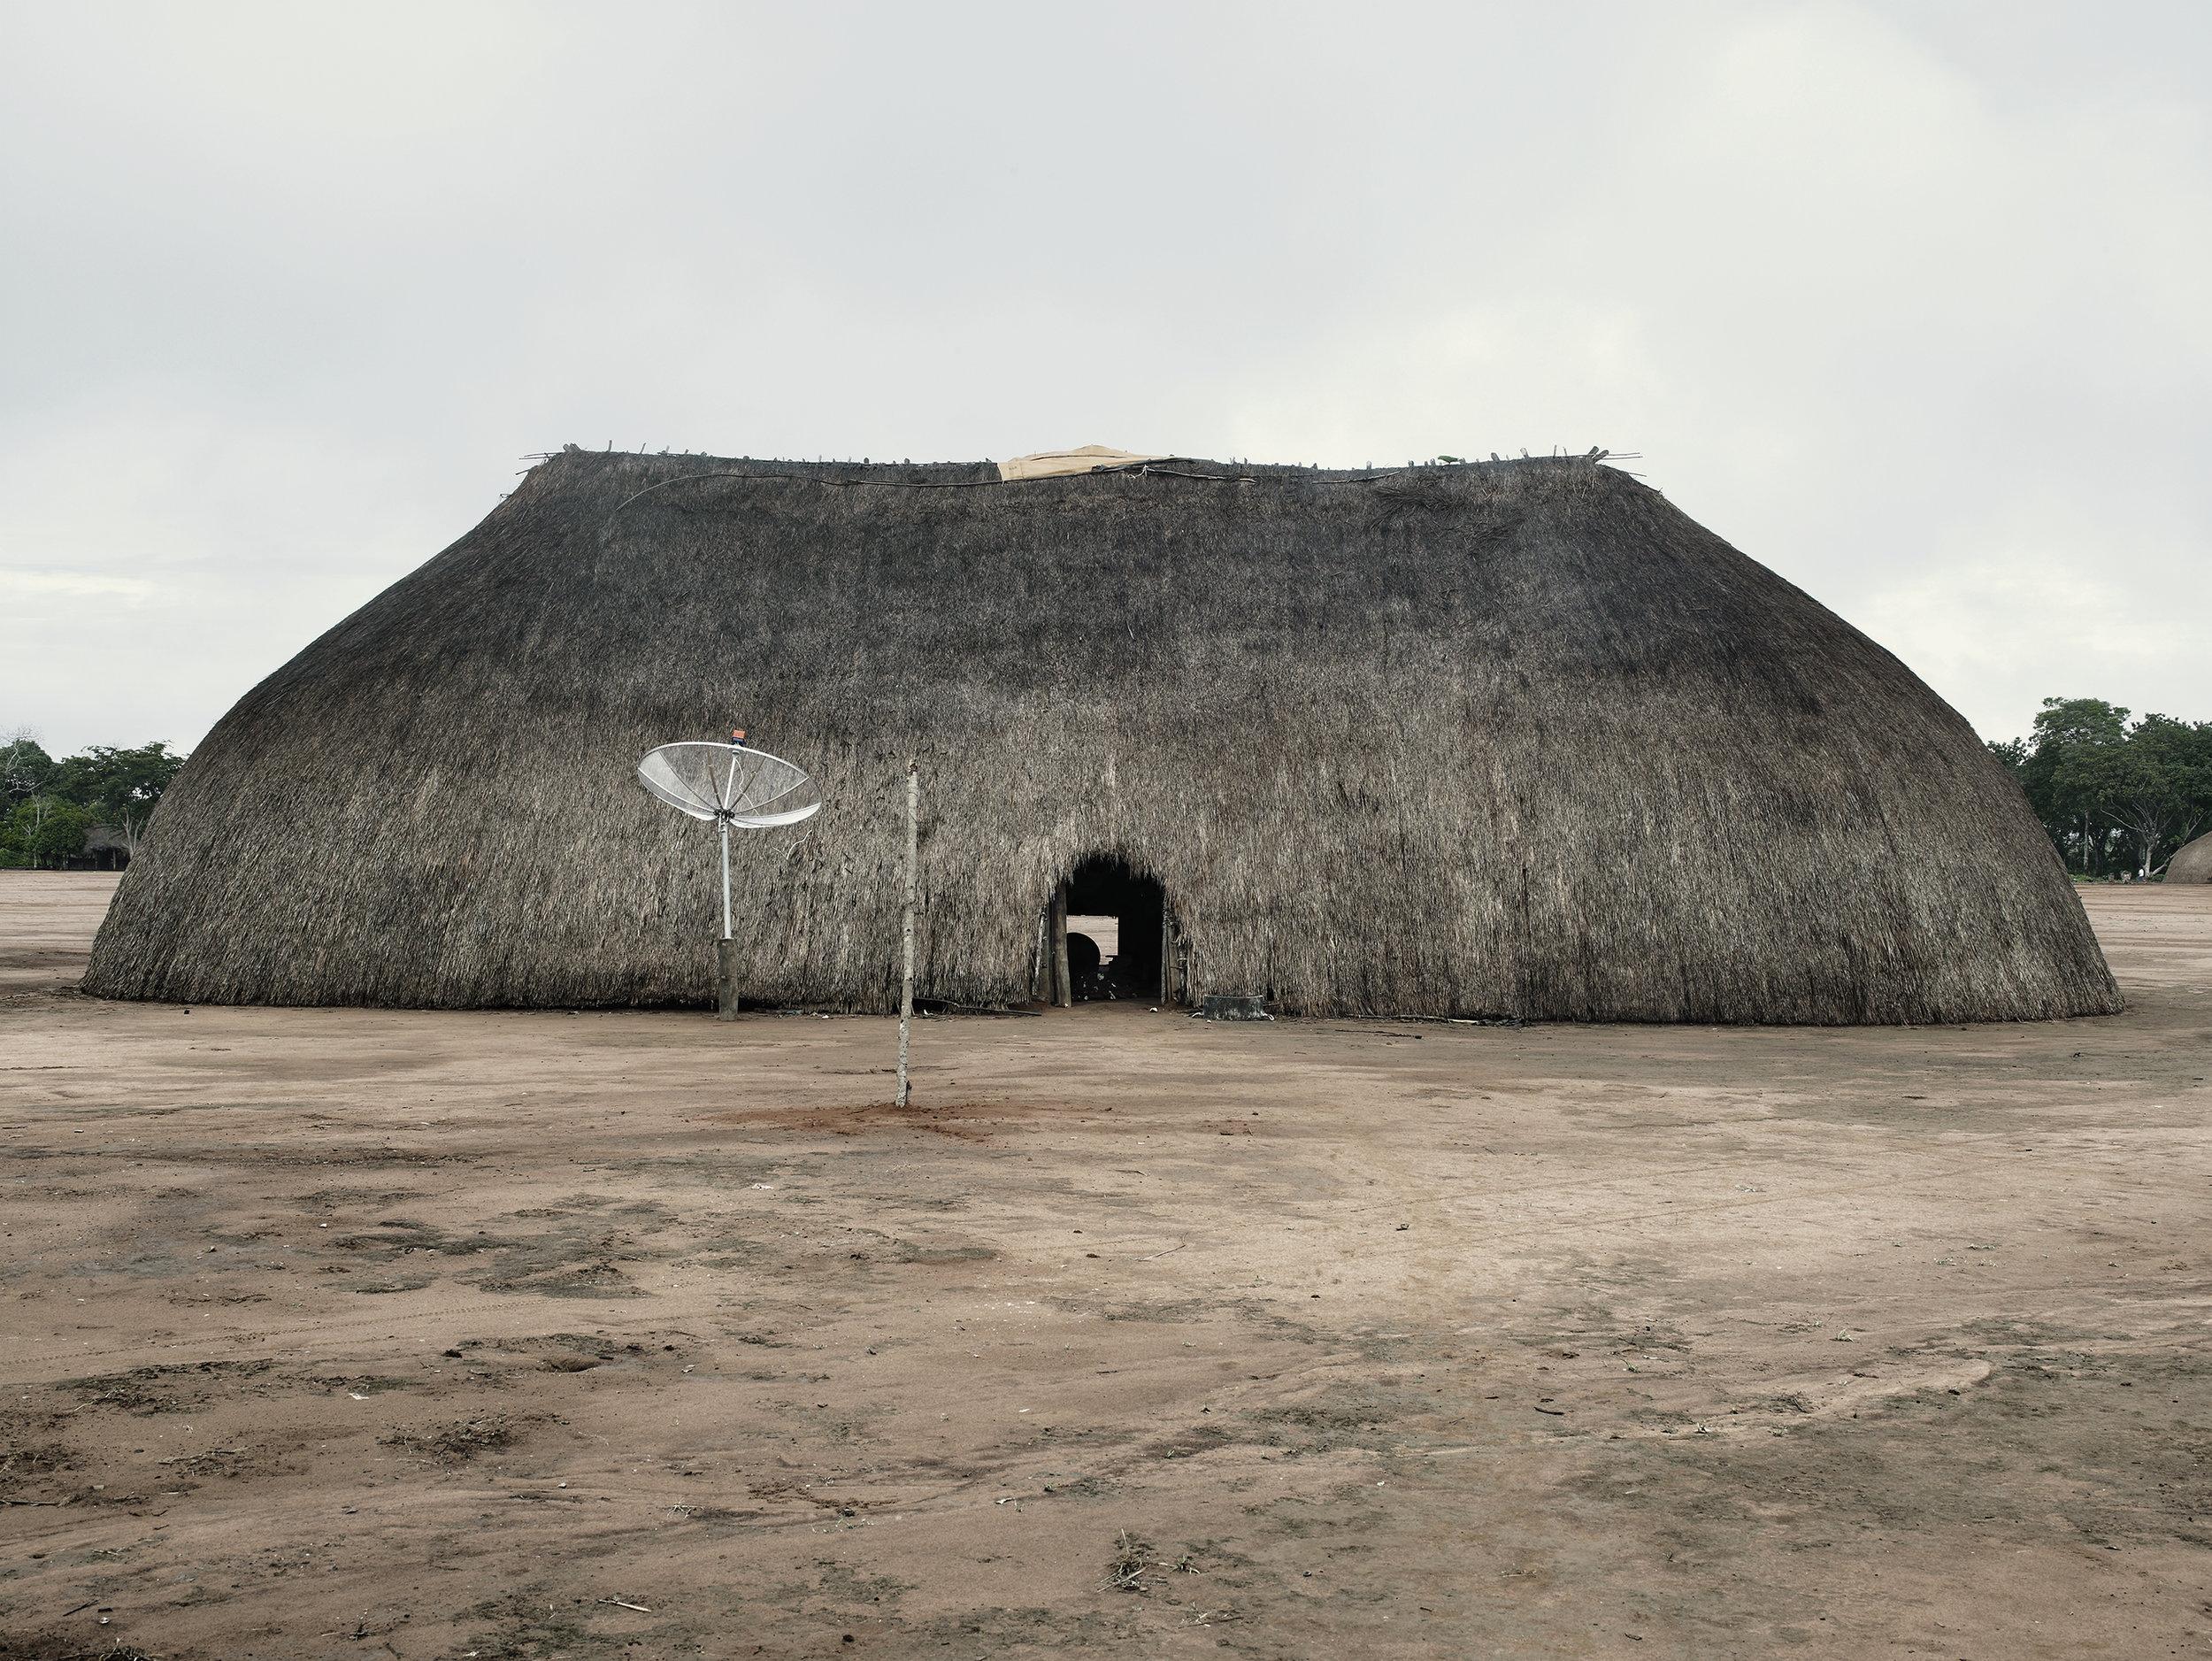 Xingu hut, Amazonian forest, Brazil, 2008